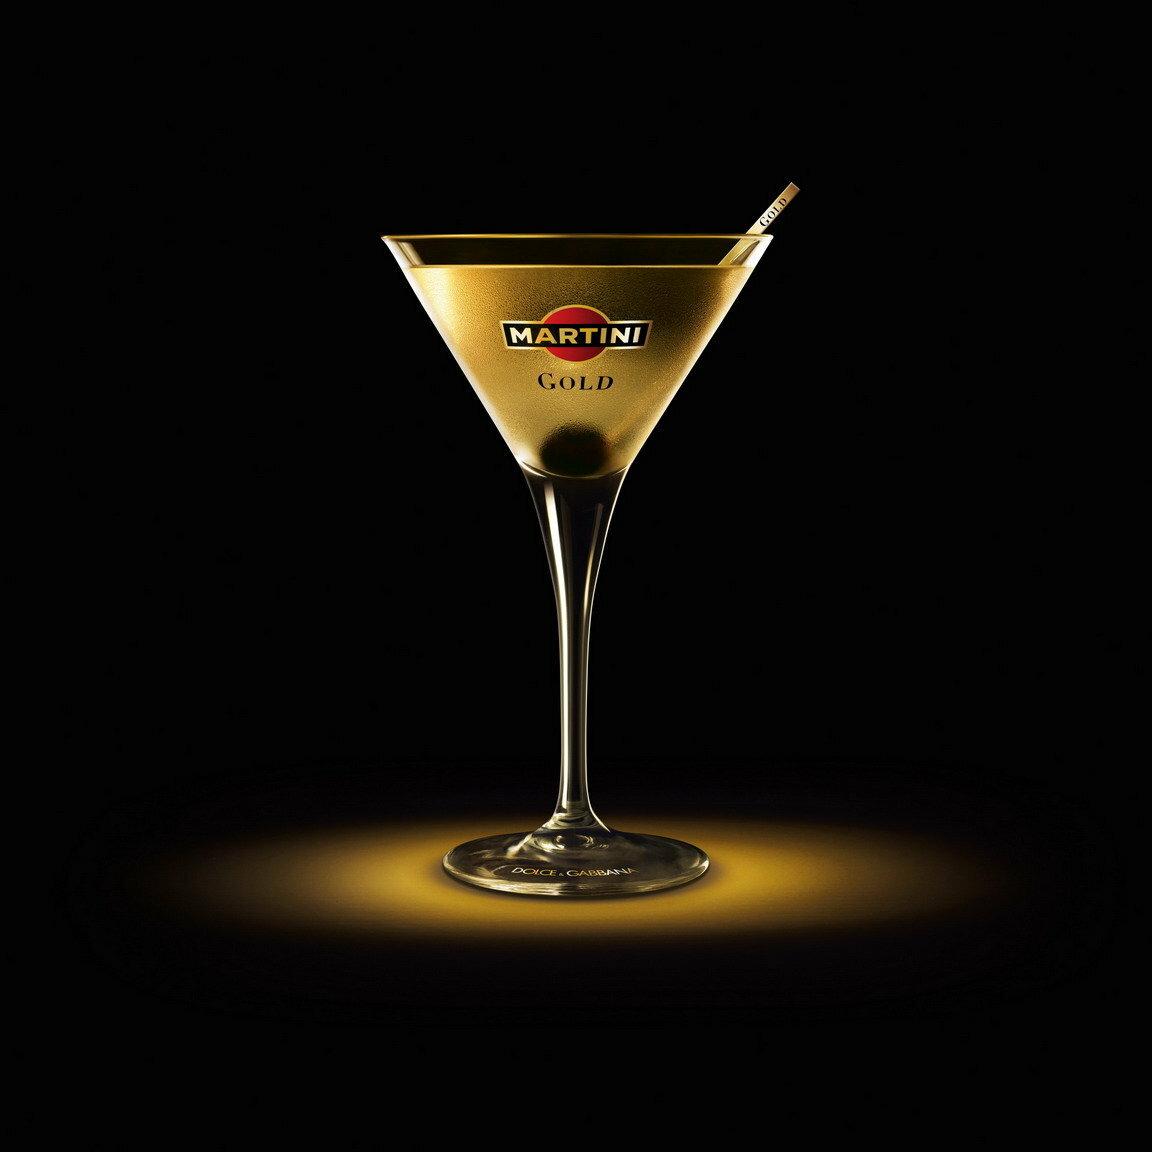 видах красивые картинки с бокалами мартини вместе